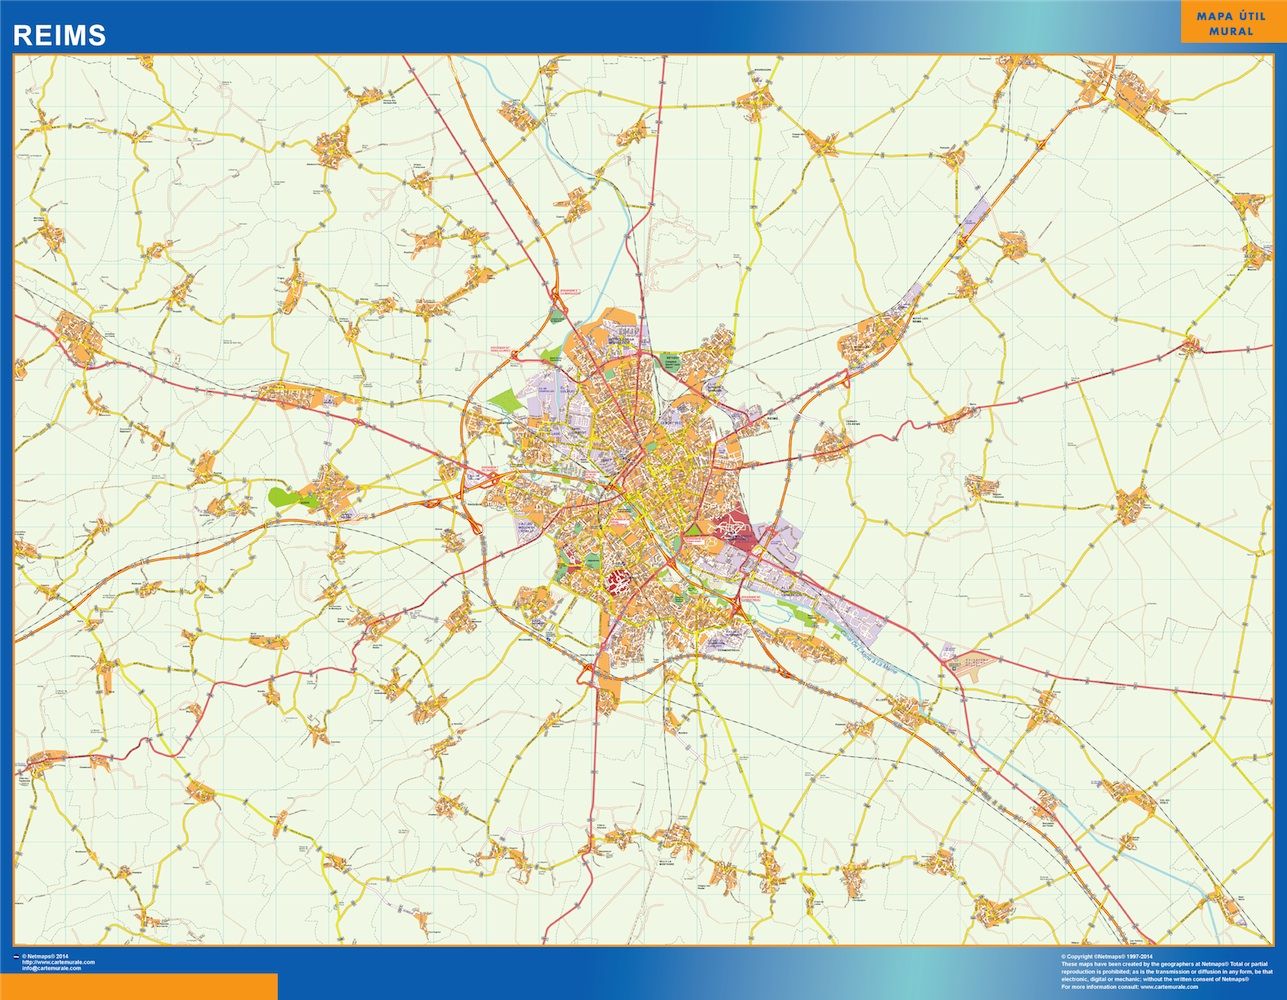 Mapa Reims en Francia plastificado gigante